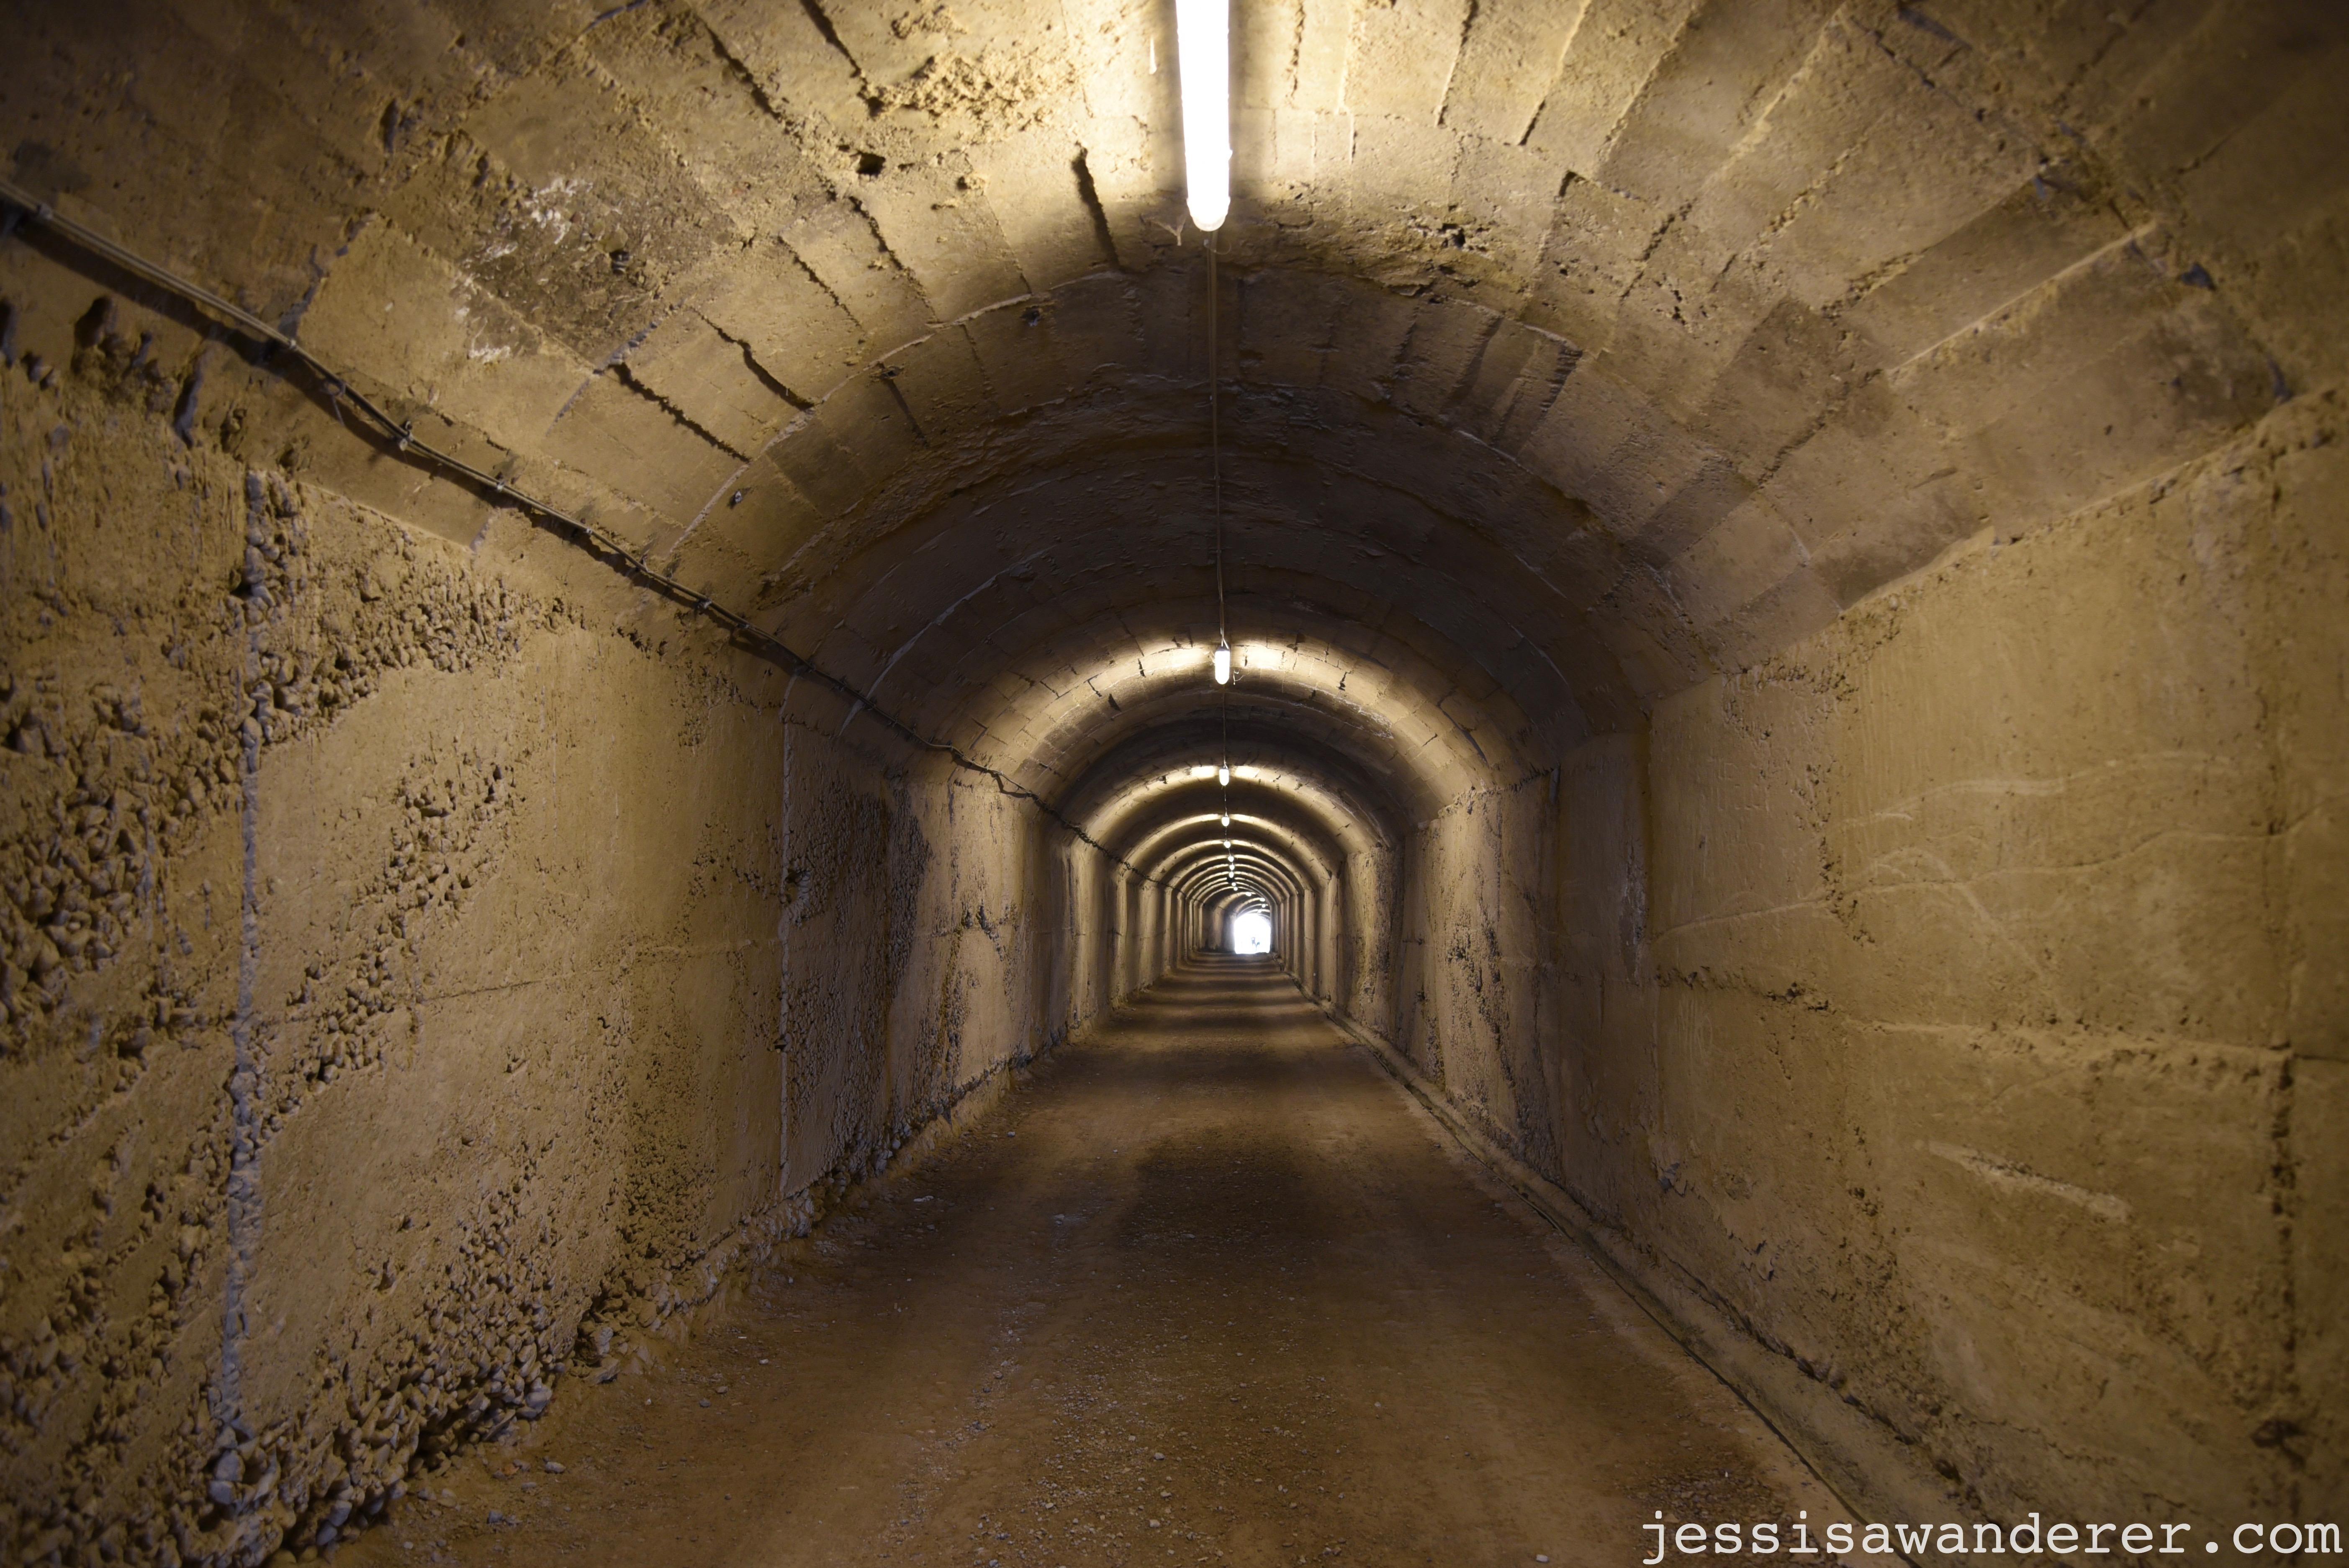 BunkArt Underground Museum